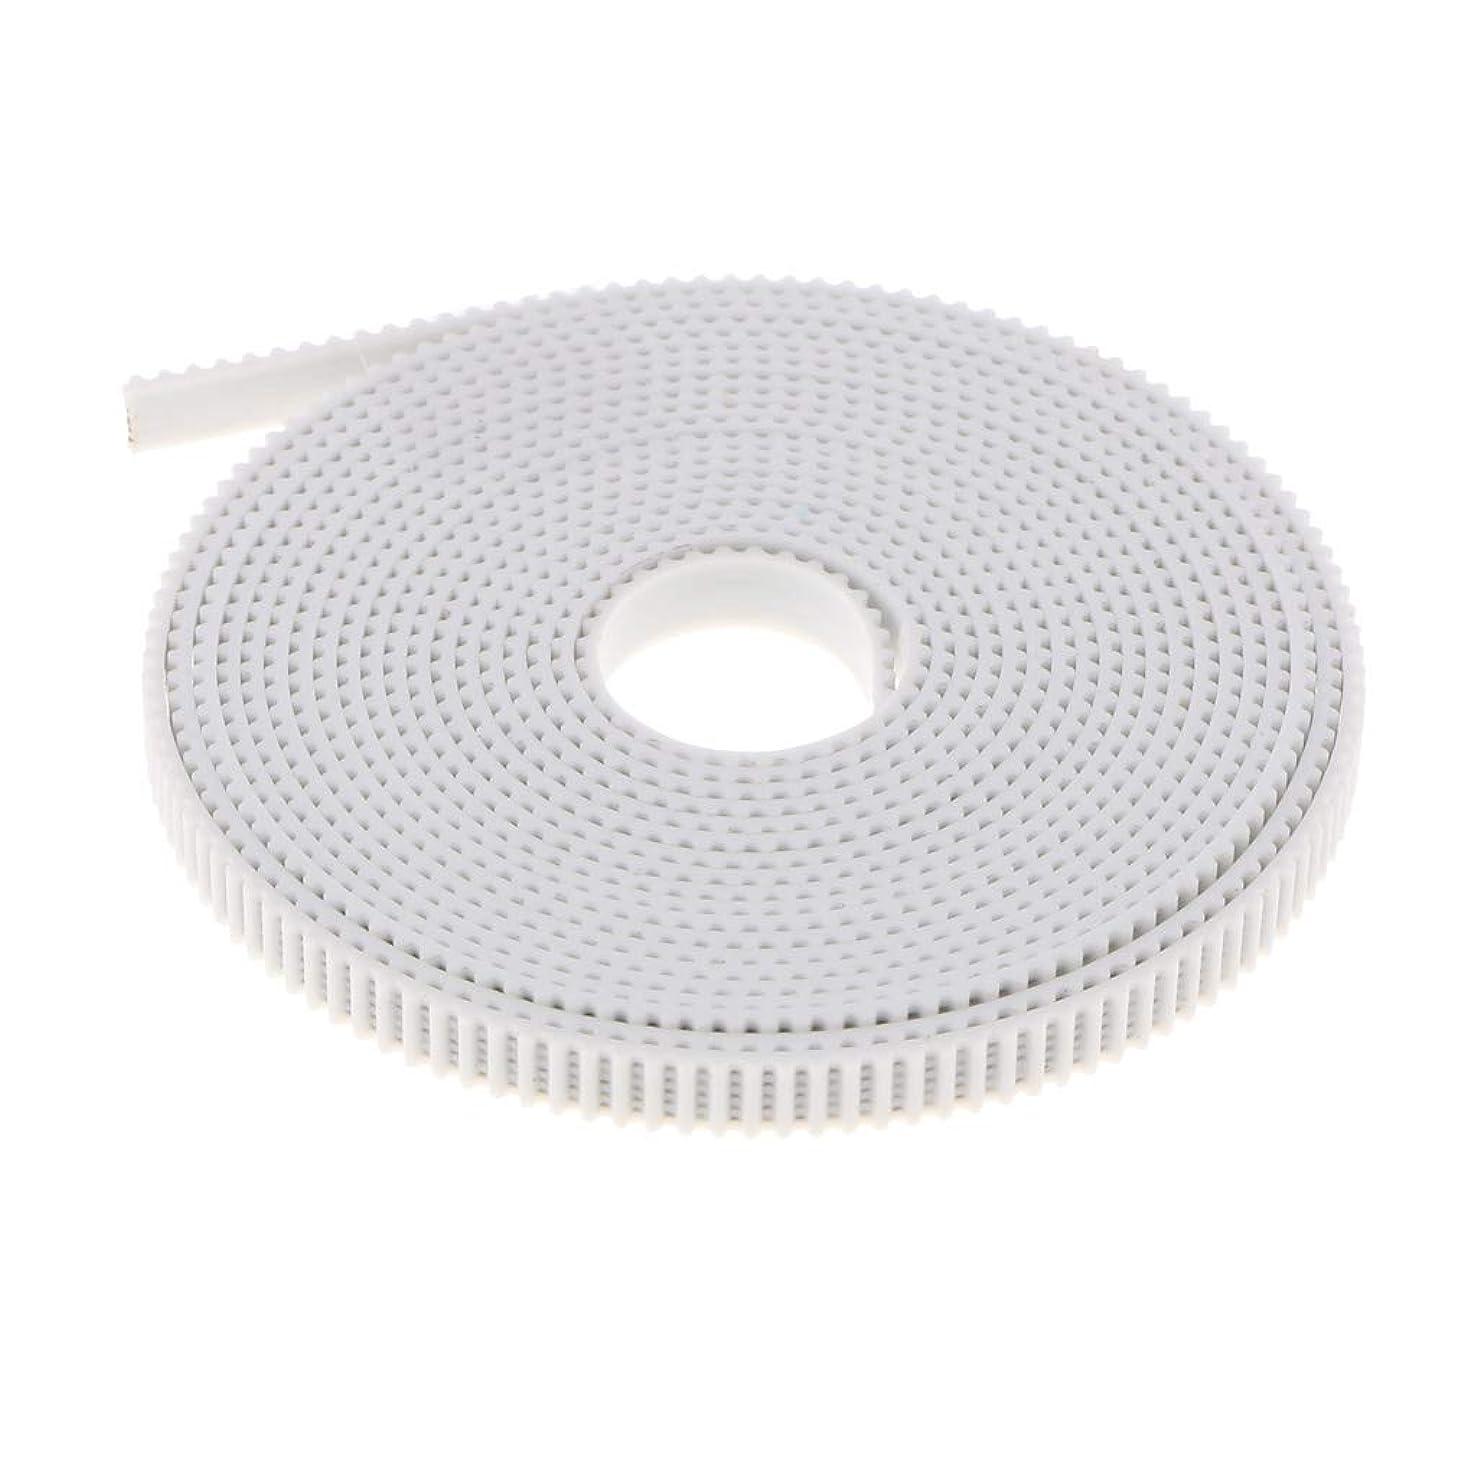 リハーサルアクセント不安3Dプリンタ用 GT2-6mm オープンタイミングベルト 強化ゴムベルト 3m/5m ホワイト - 3m